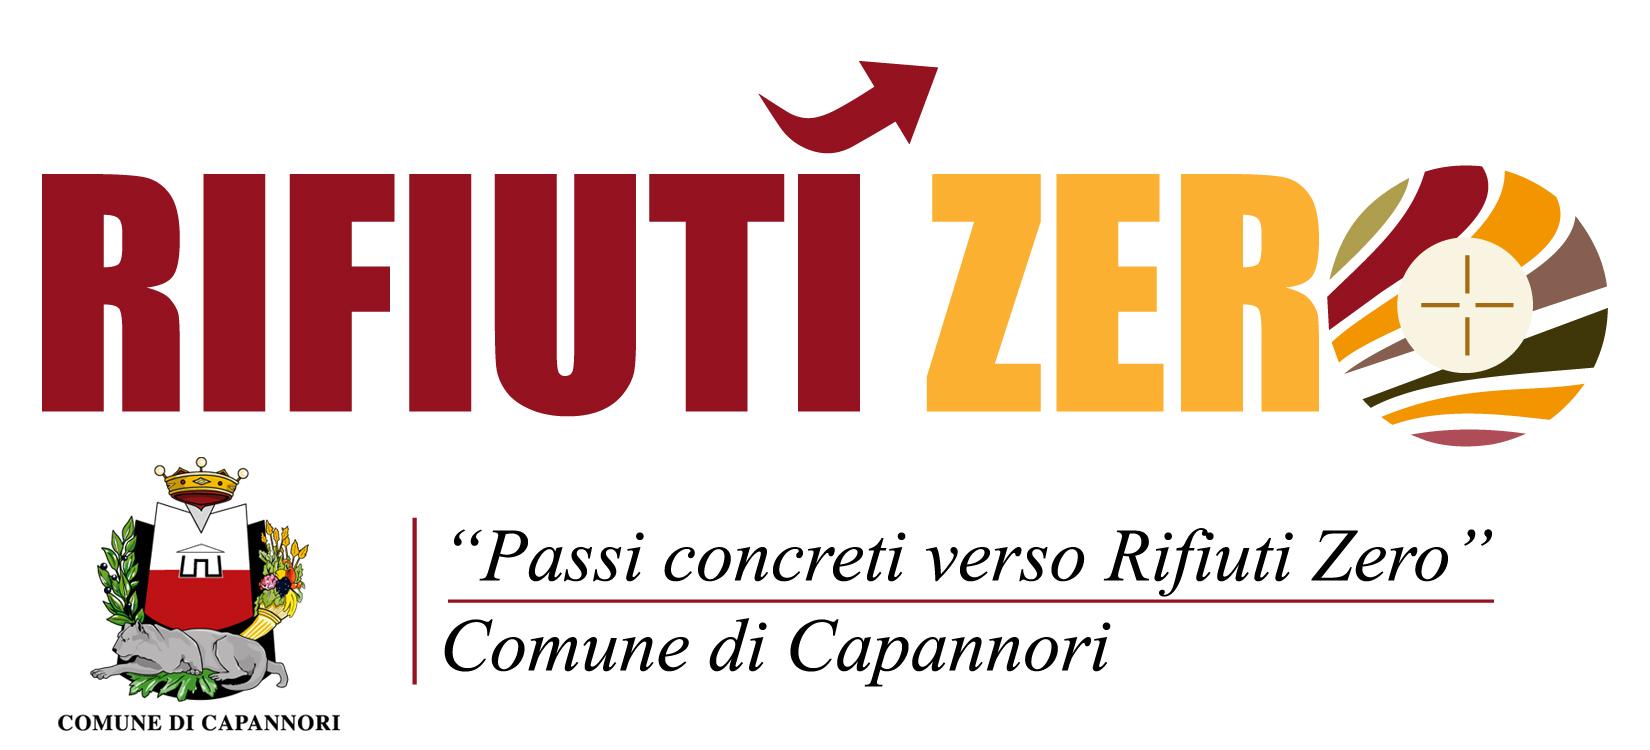 Capannori:  il convegno dei comuni Rifiuti Zero